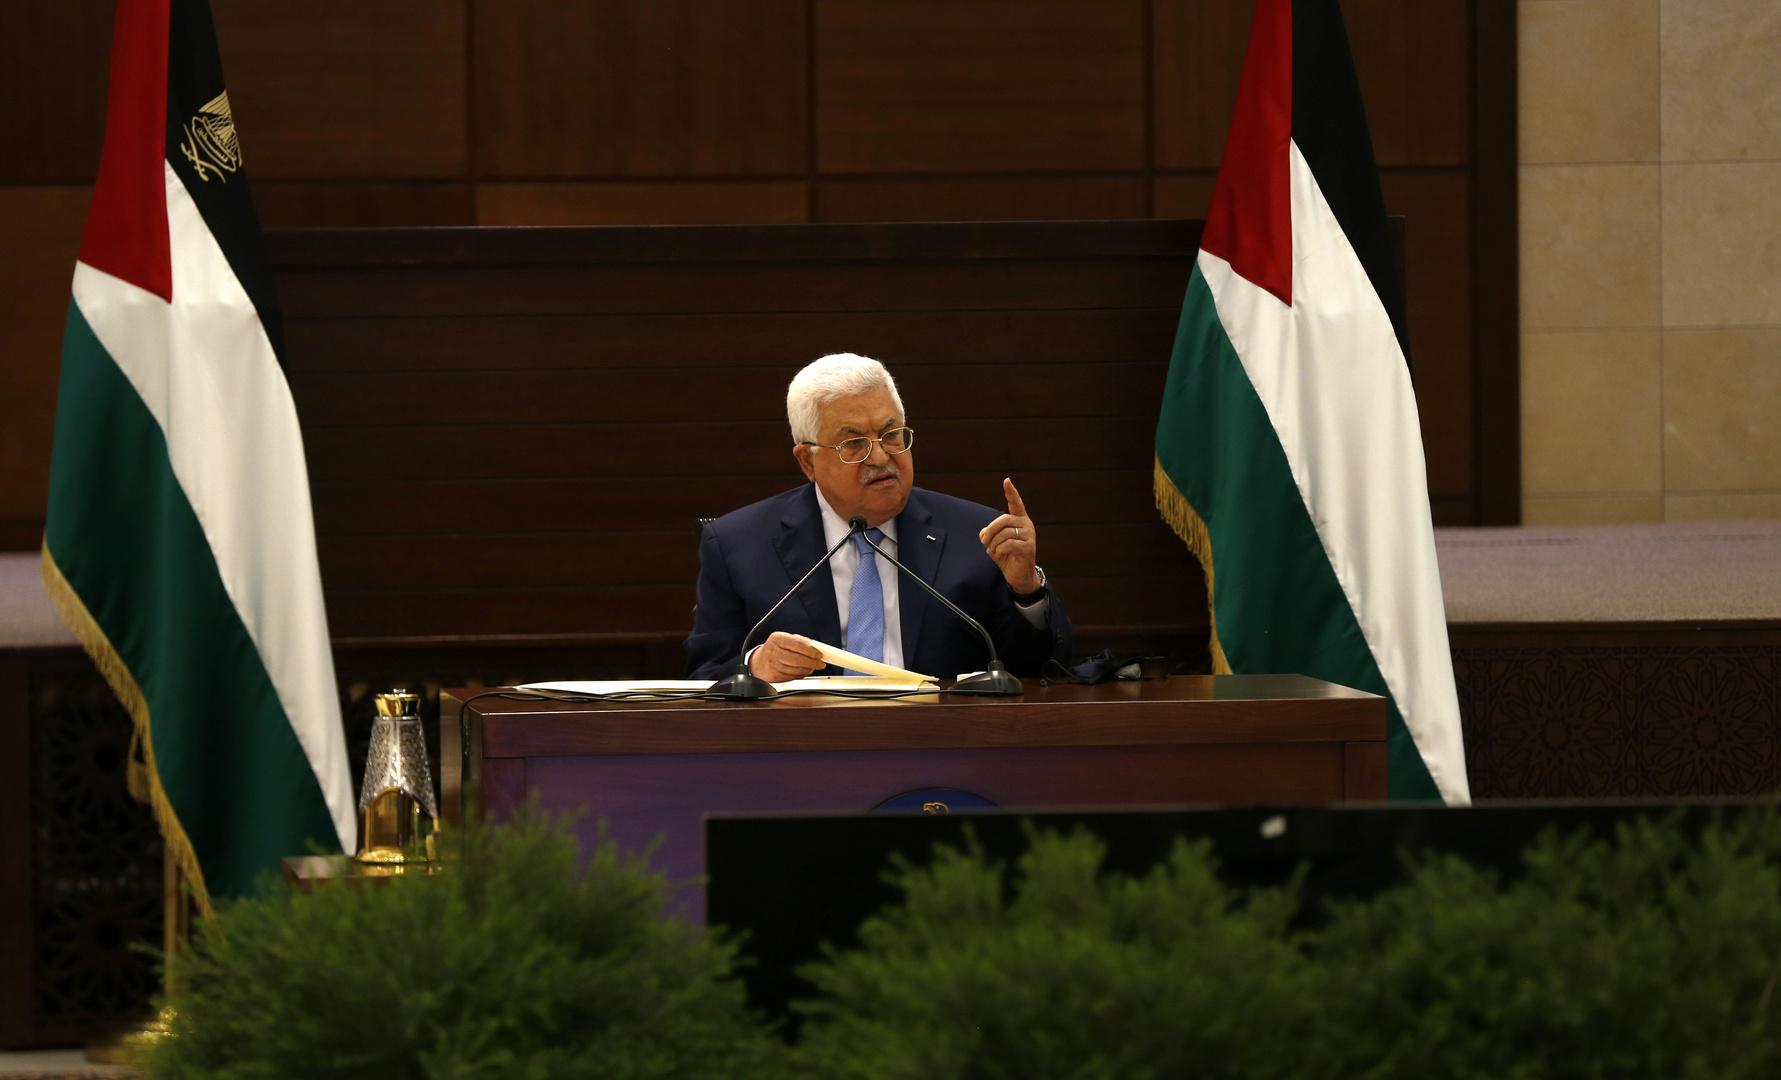 الرئيس الفلسطيني يصدر قرارات قضائية